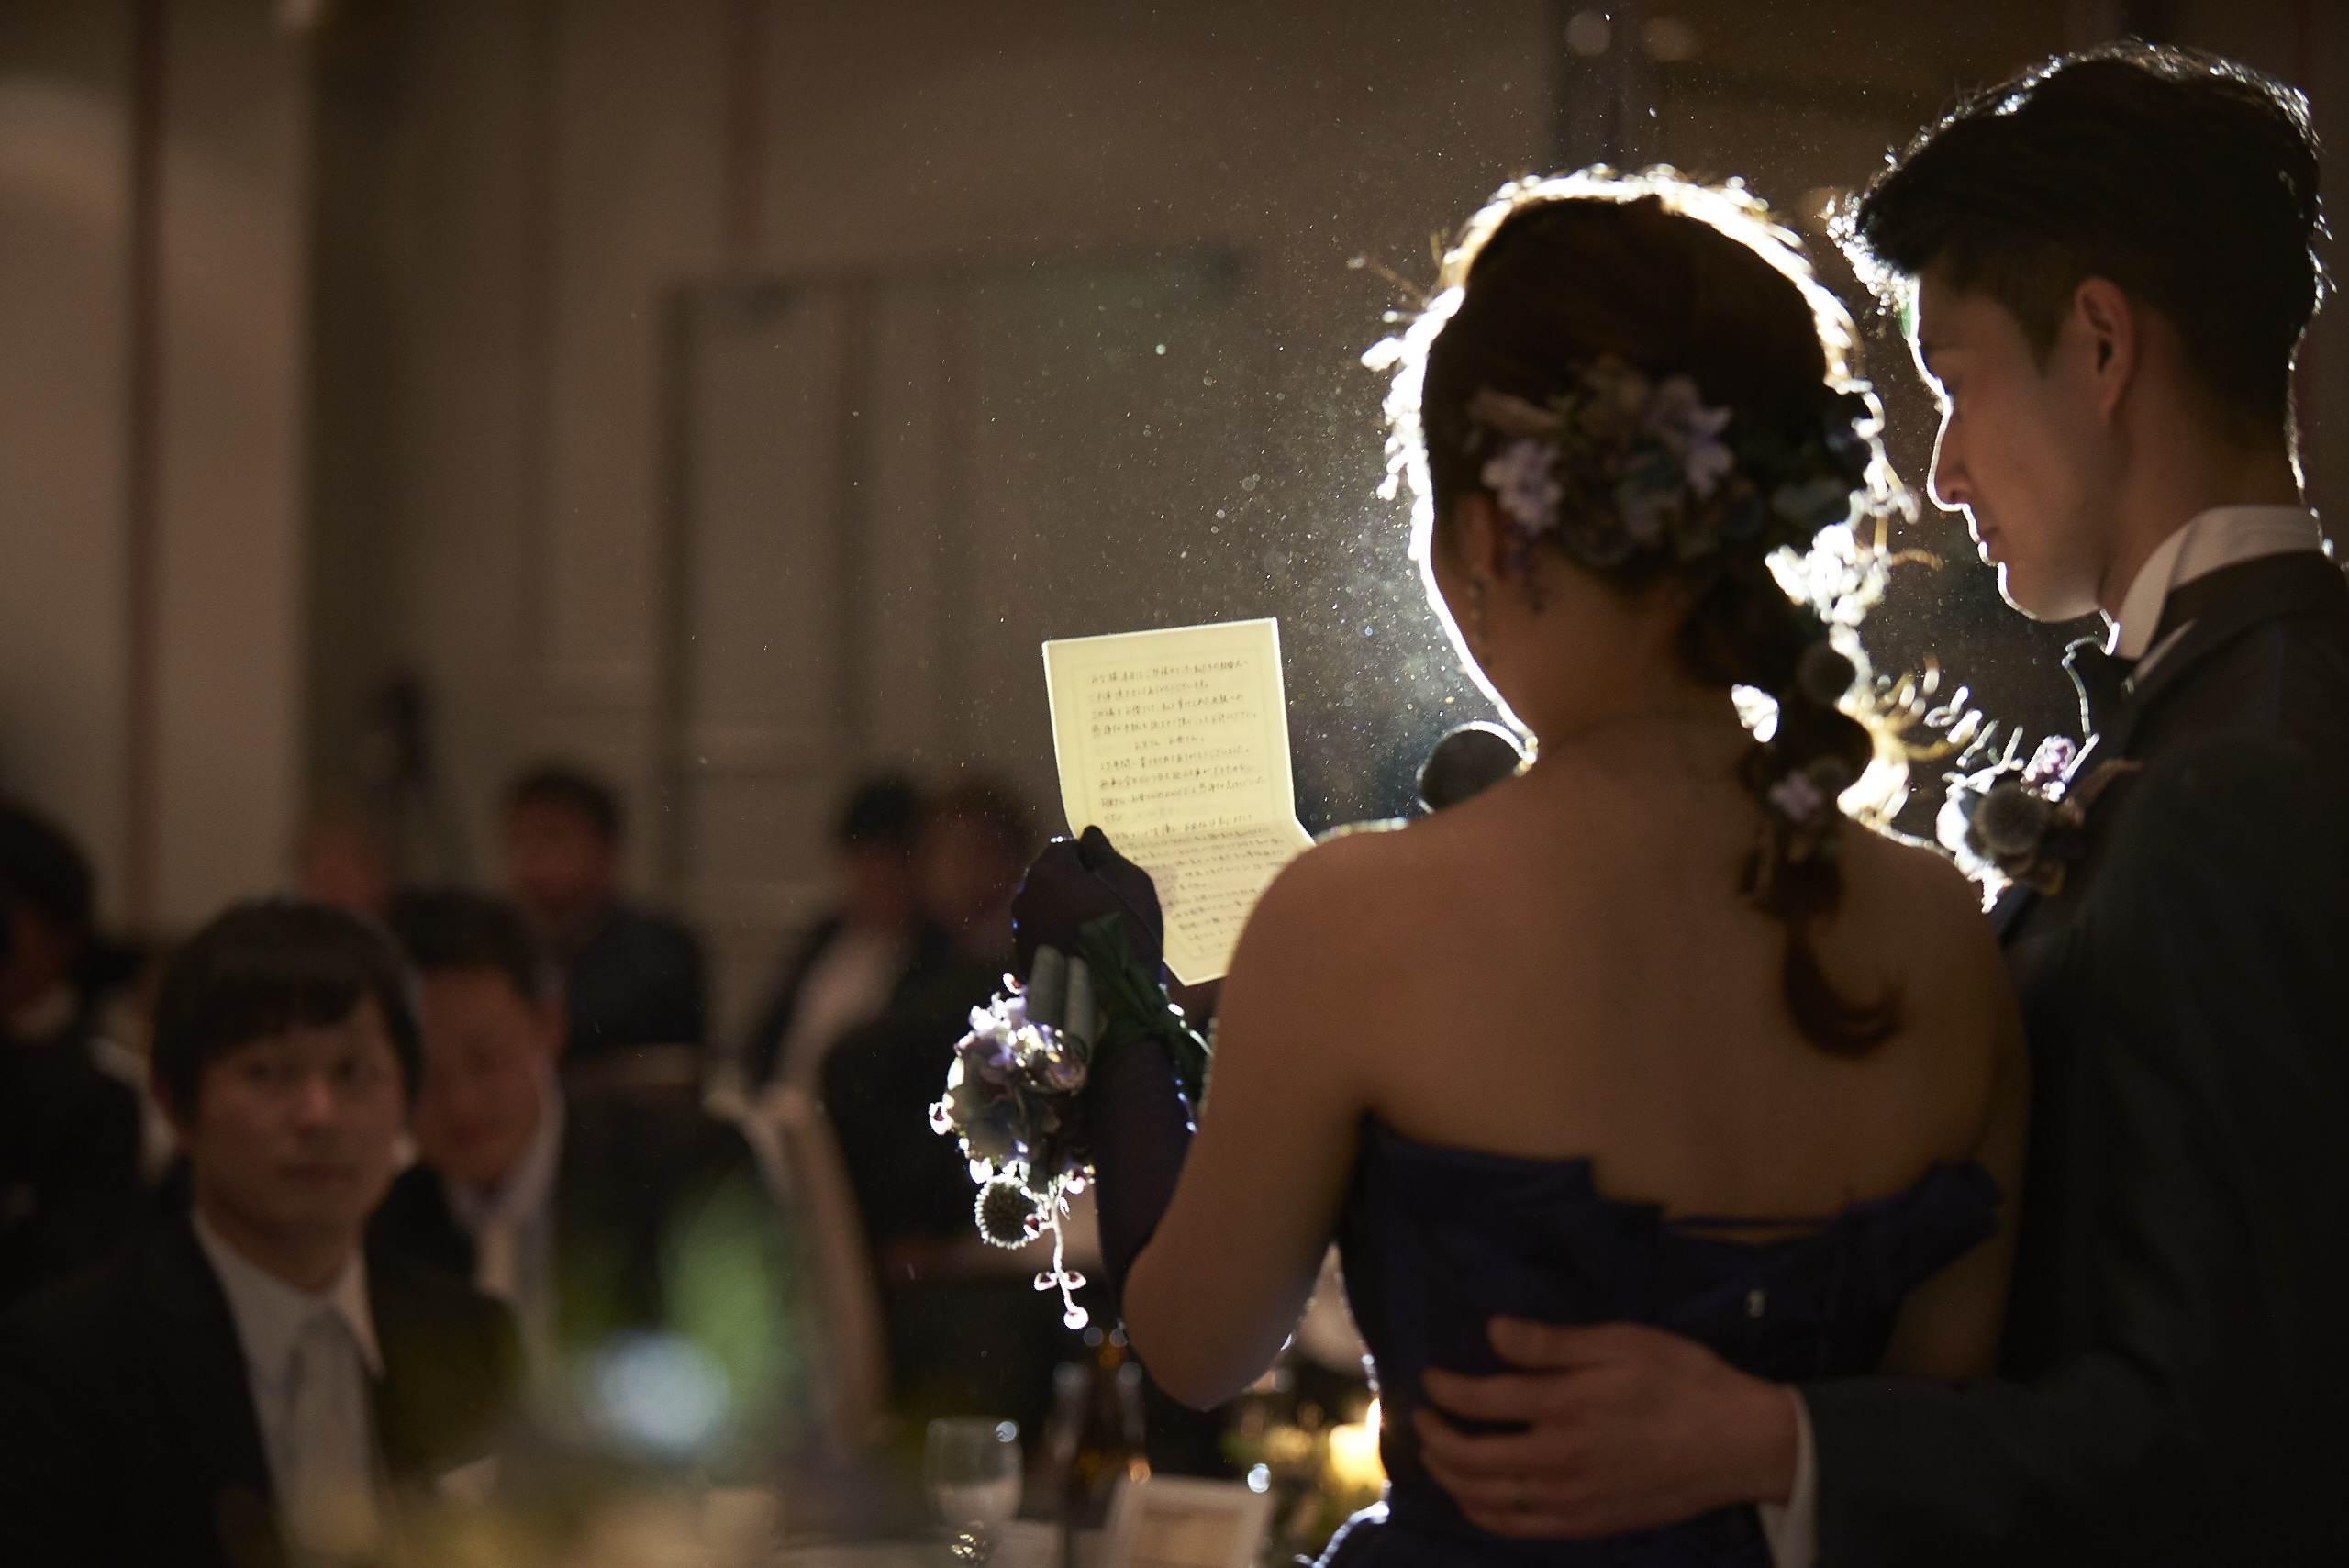 徳島市の結婚式場ブランアンジュで感謝の気持ちがこめられたお手紙を読む新婦様